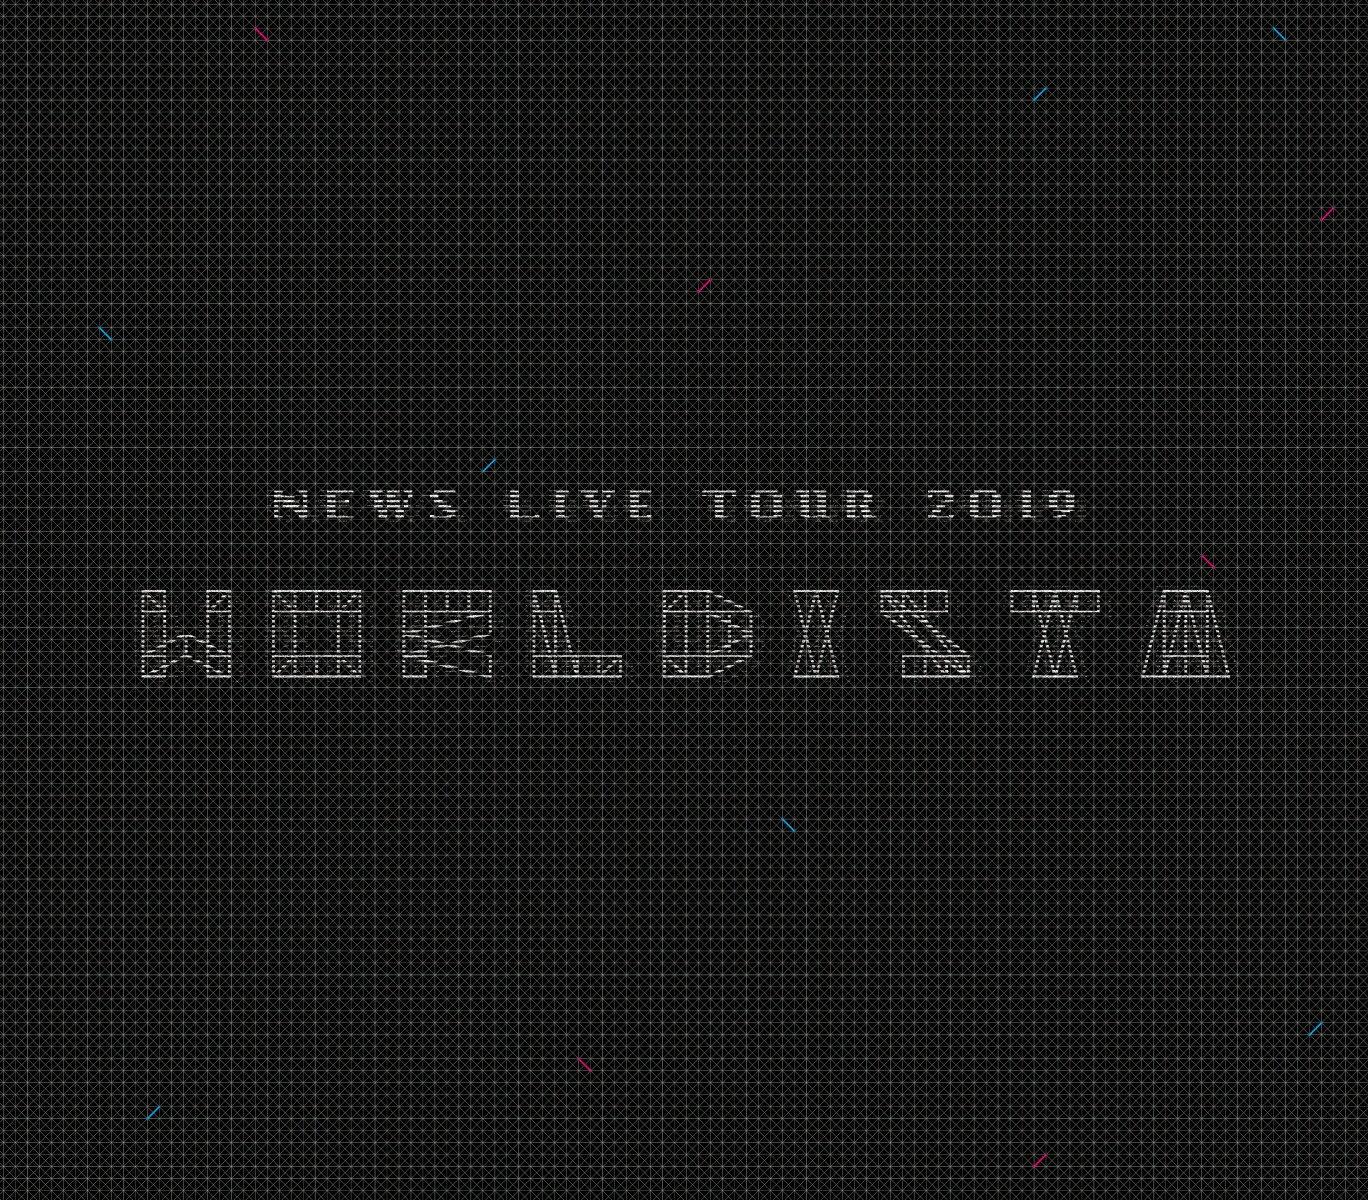 ミュージック, その他 NEWS LIVE TOUR 2019 WORLDISTA DVD NEWS